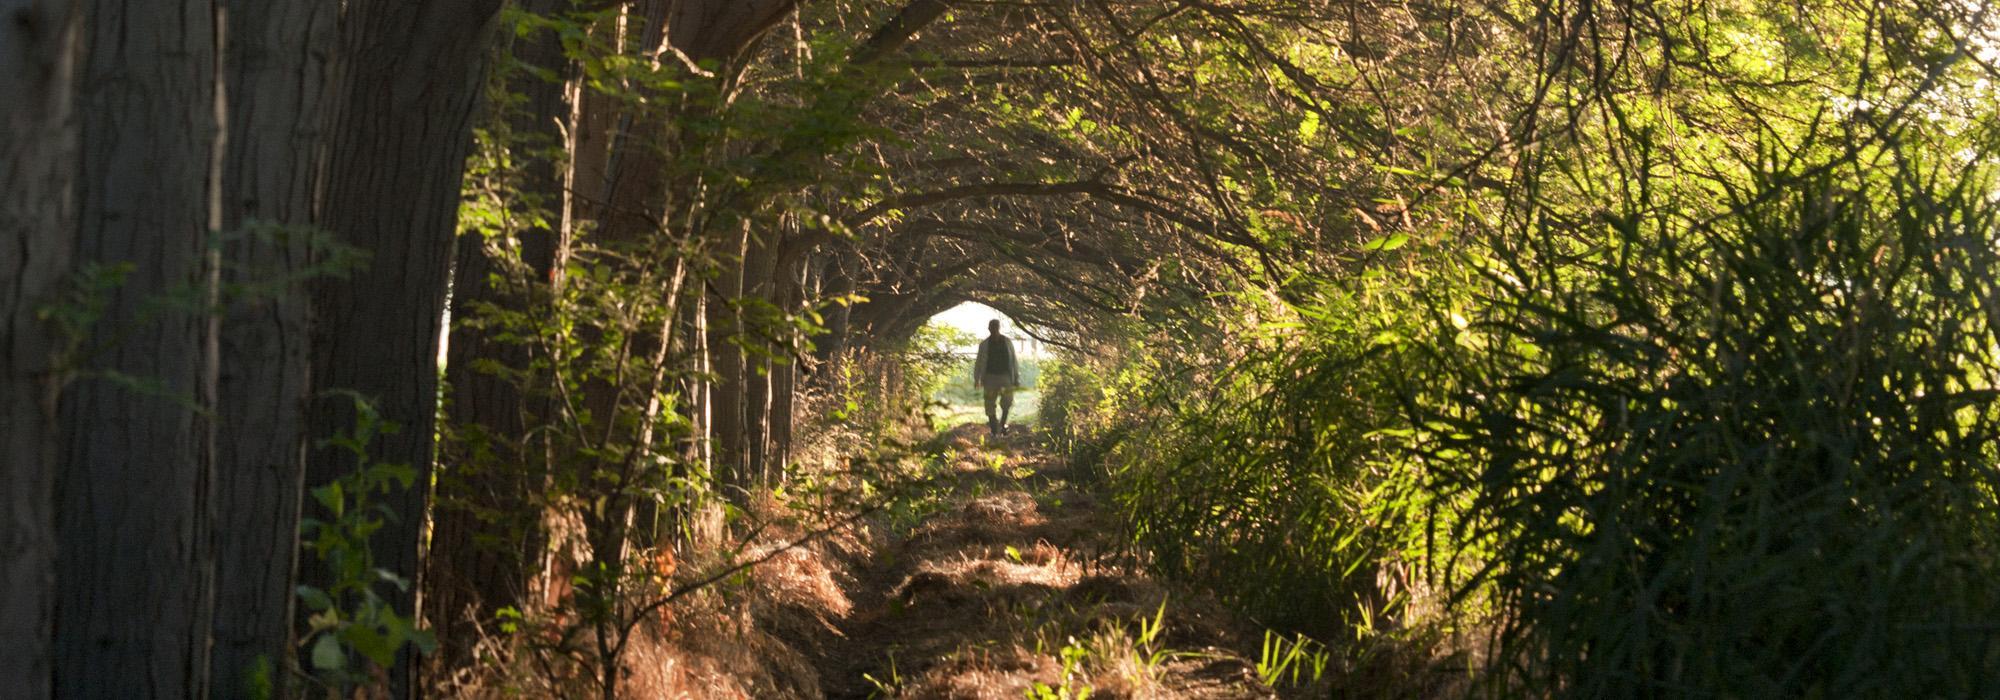 DICKMAN_Arborland_hero_01_2010.jpg